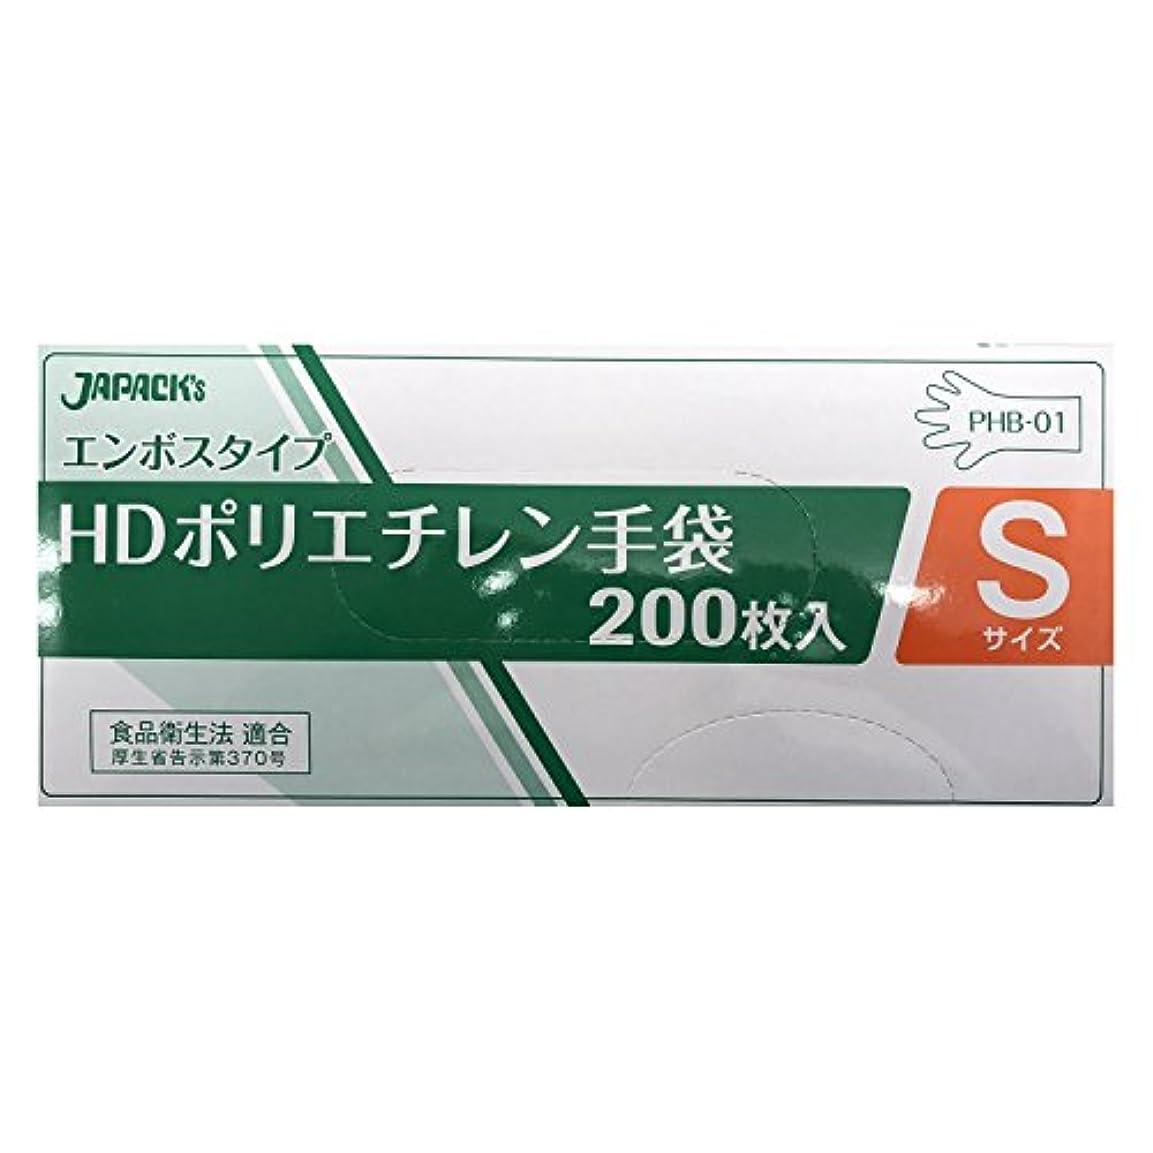 ジャズ満足地域エンボスタイプ HDポリエチレン手袋 Sサイズ BOX 200枚入 無着色 PHB-01